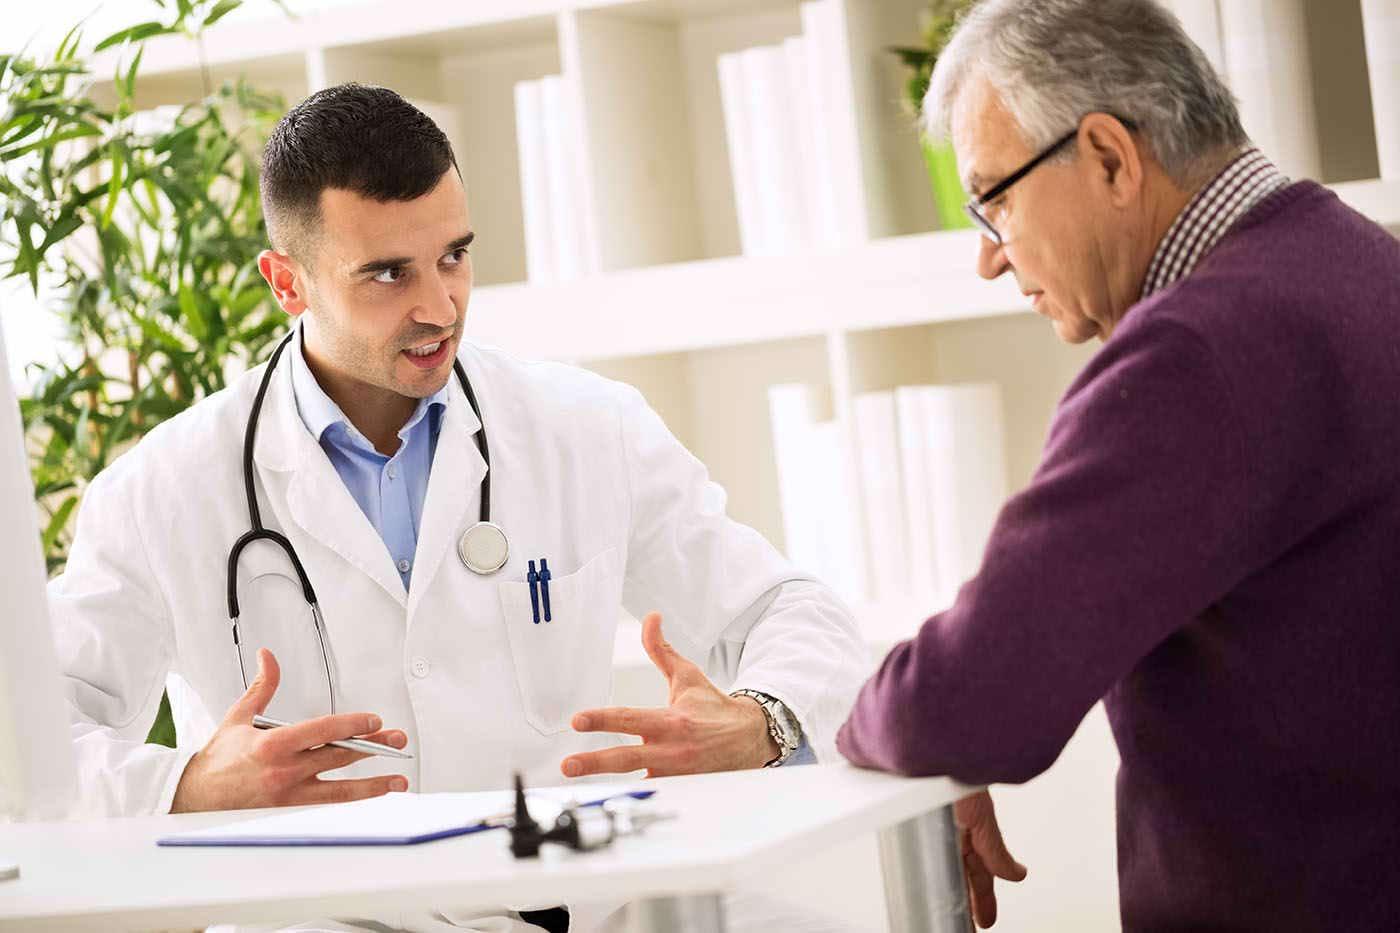 Riscul de boli cardiovasculare, mai mare la persoanele care au avut cancer [studiu]